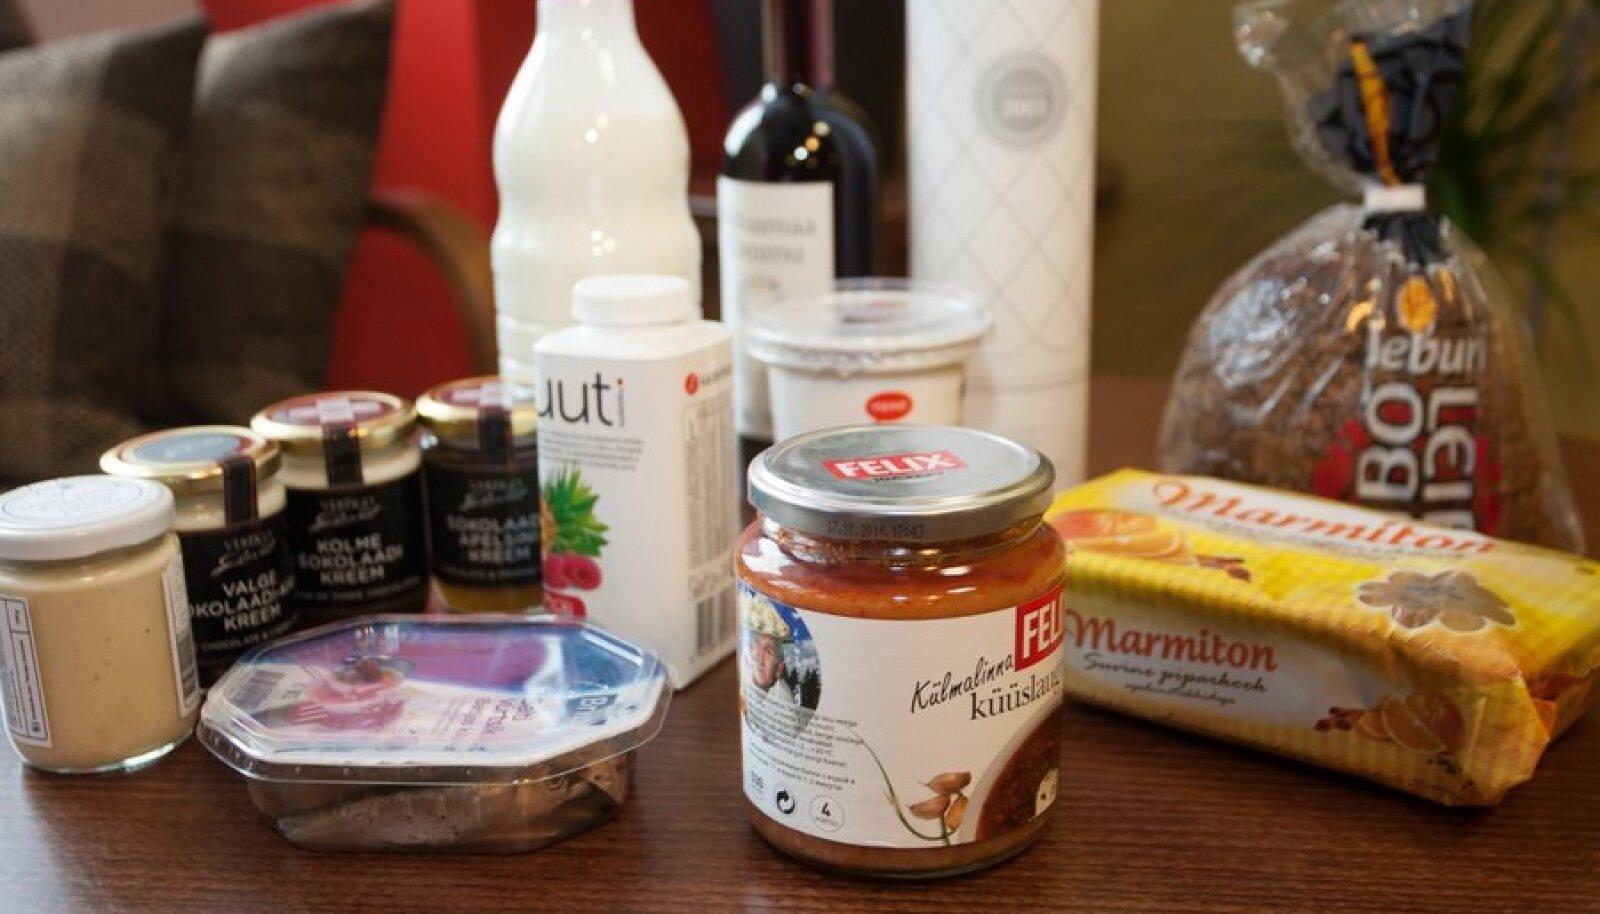 Eesti parimad toiduained 2012